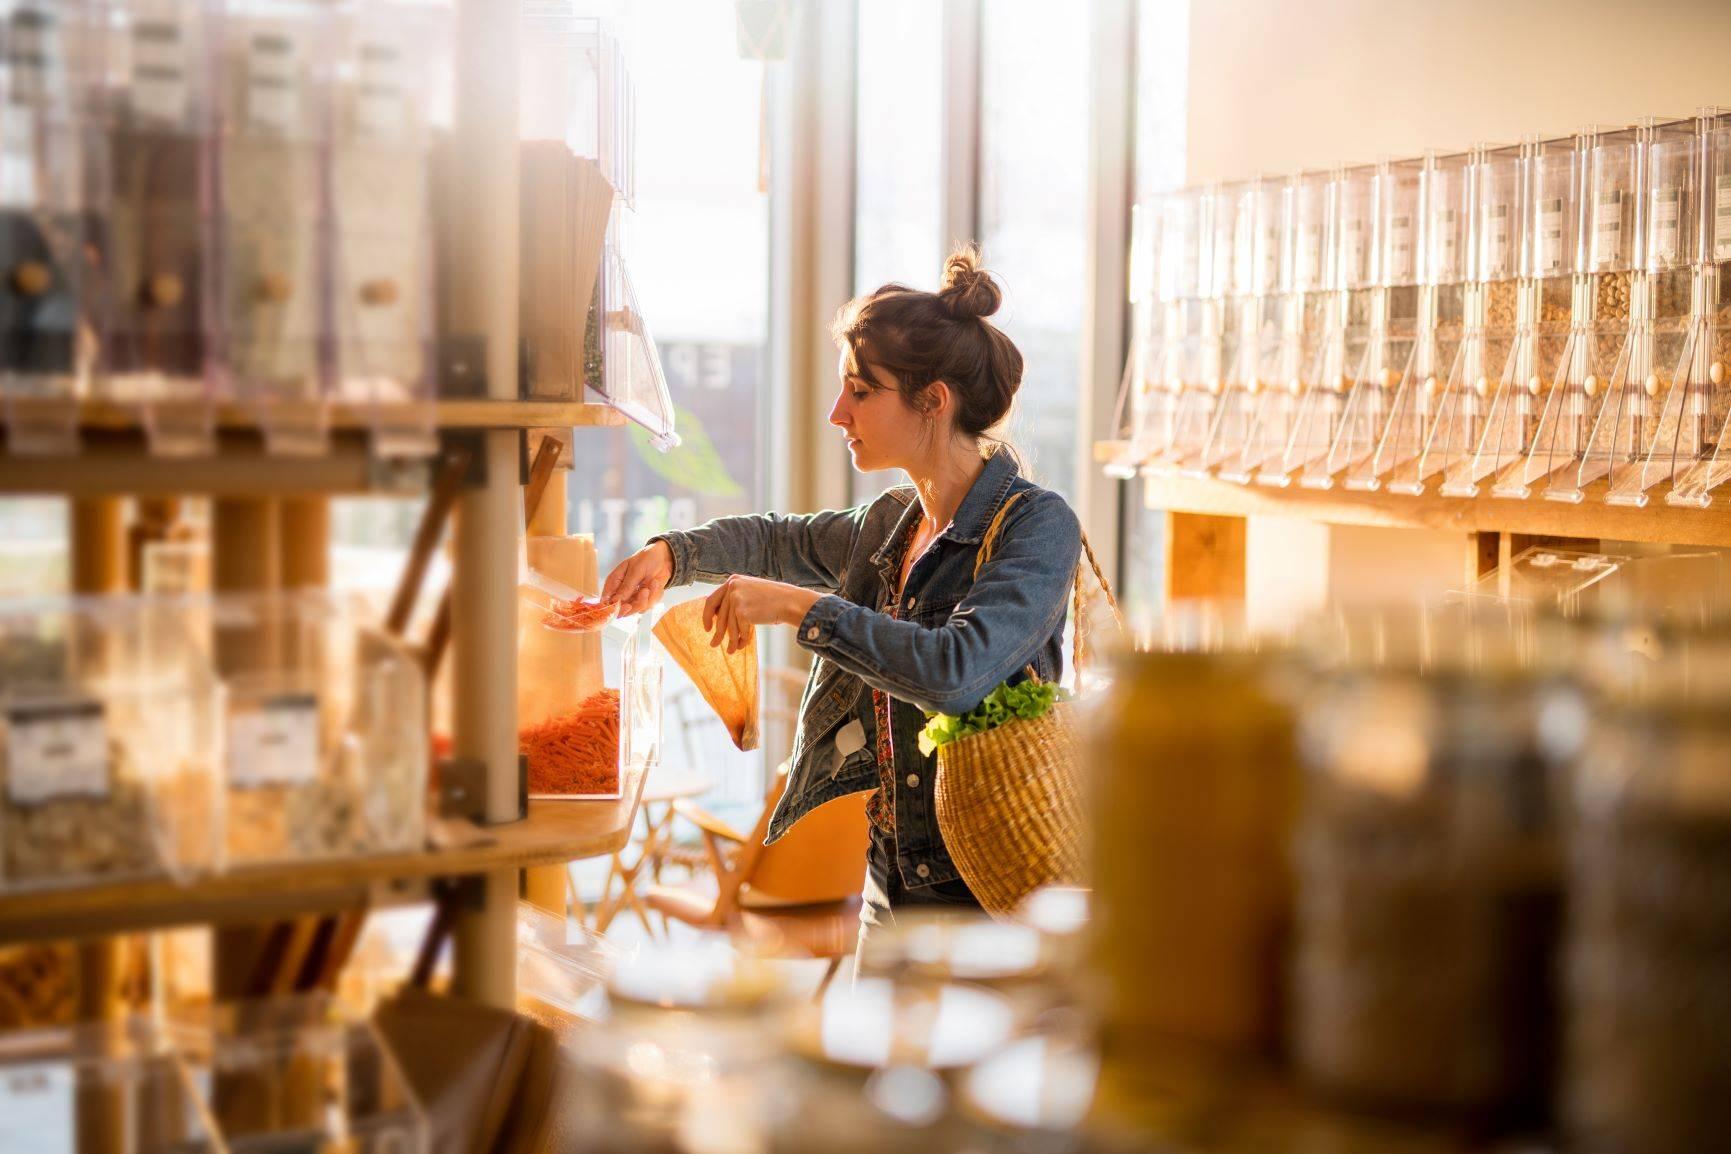 Planowanie zakupów, czyli jak nie marnować jedzenia? Kobieta nakłada do papierowej torebki odmierzoną ilość kaszy.